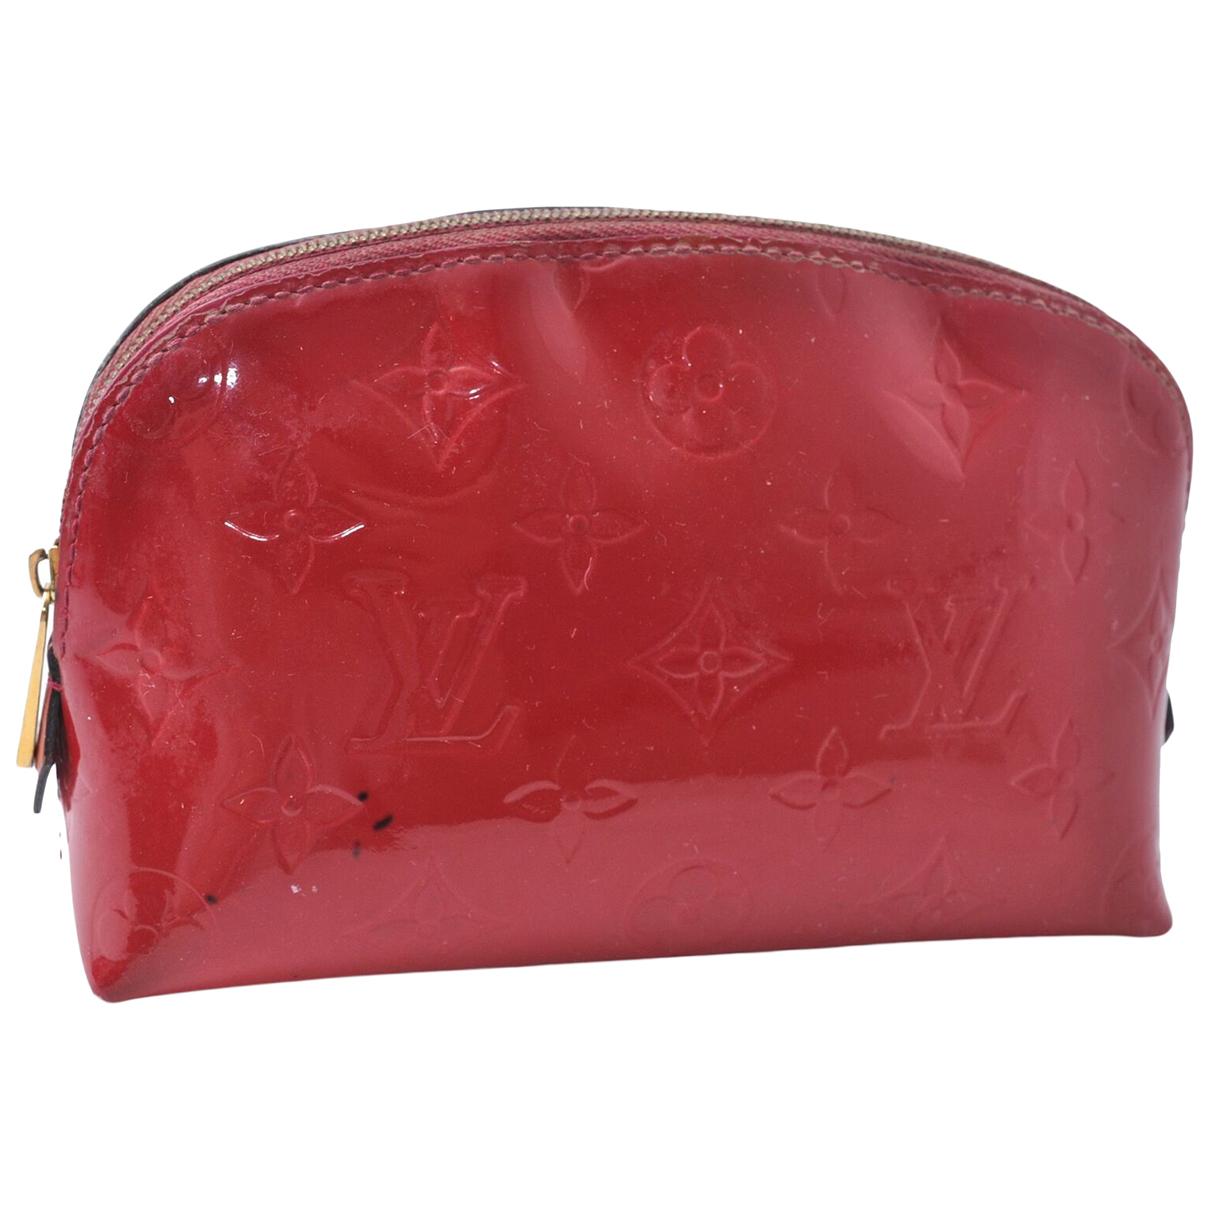 Louis Vuitton - Pochette   pour femme en cuir verni - rouge